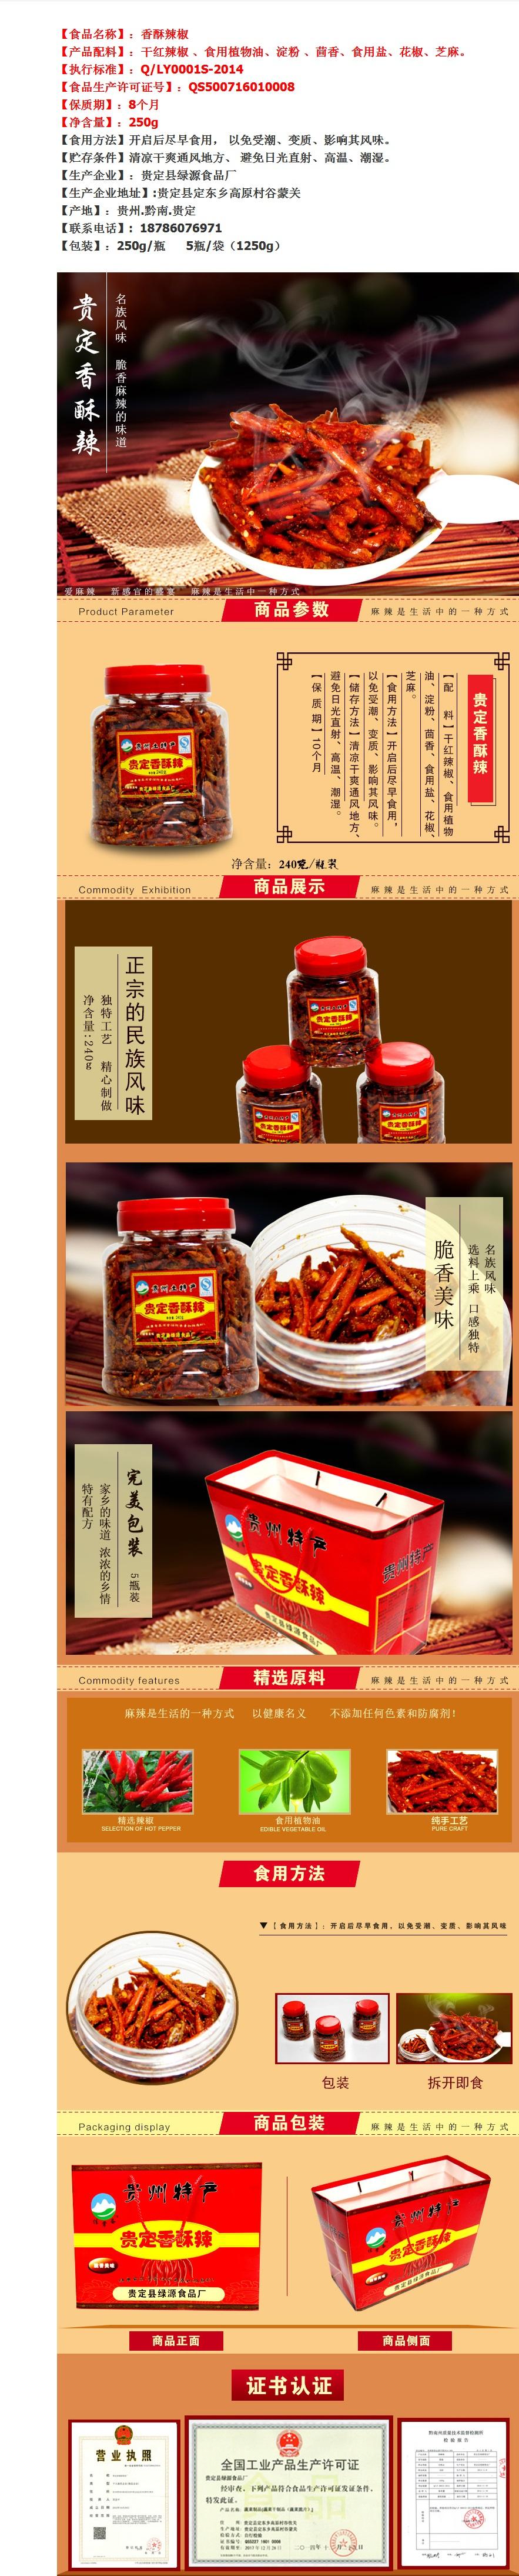 贵州特产 贵定香酥辣香辣脆民族风味辣椒办公室零食250g*2瓶装